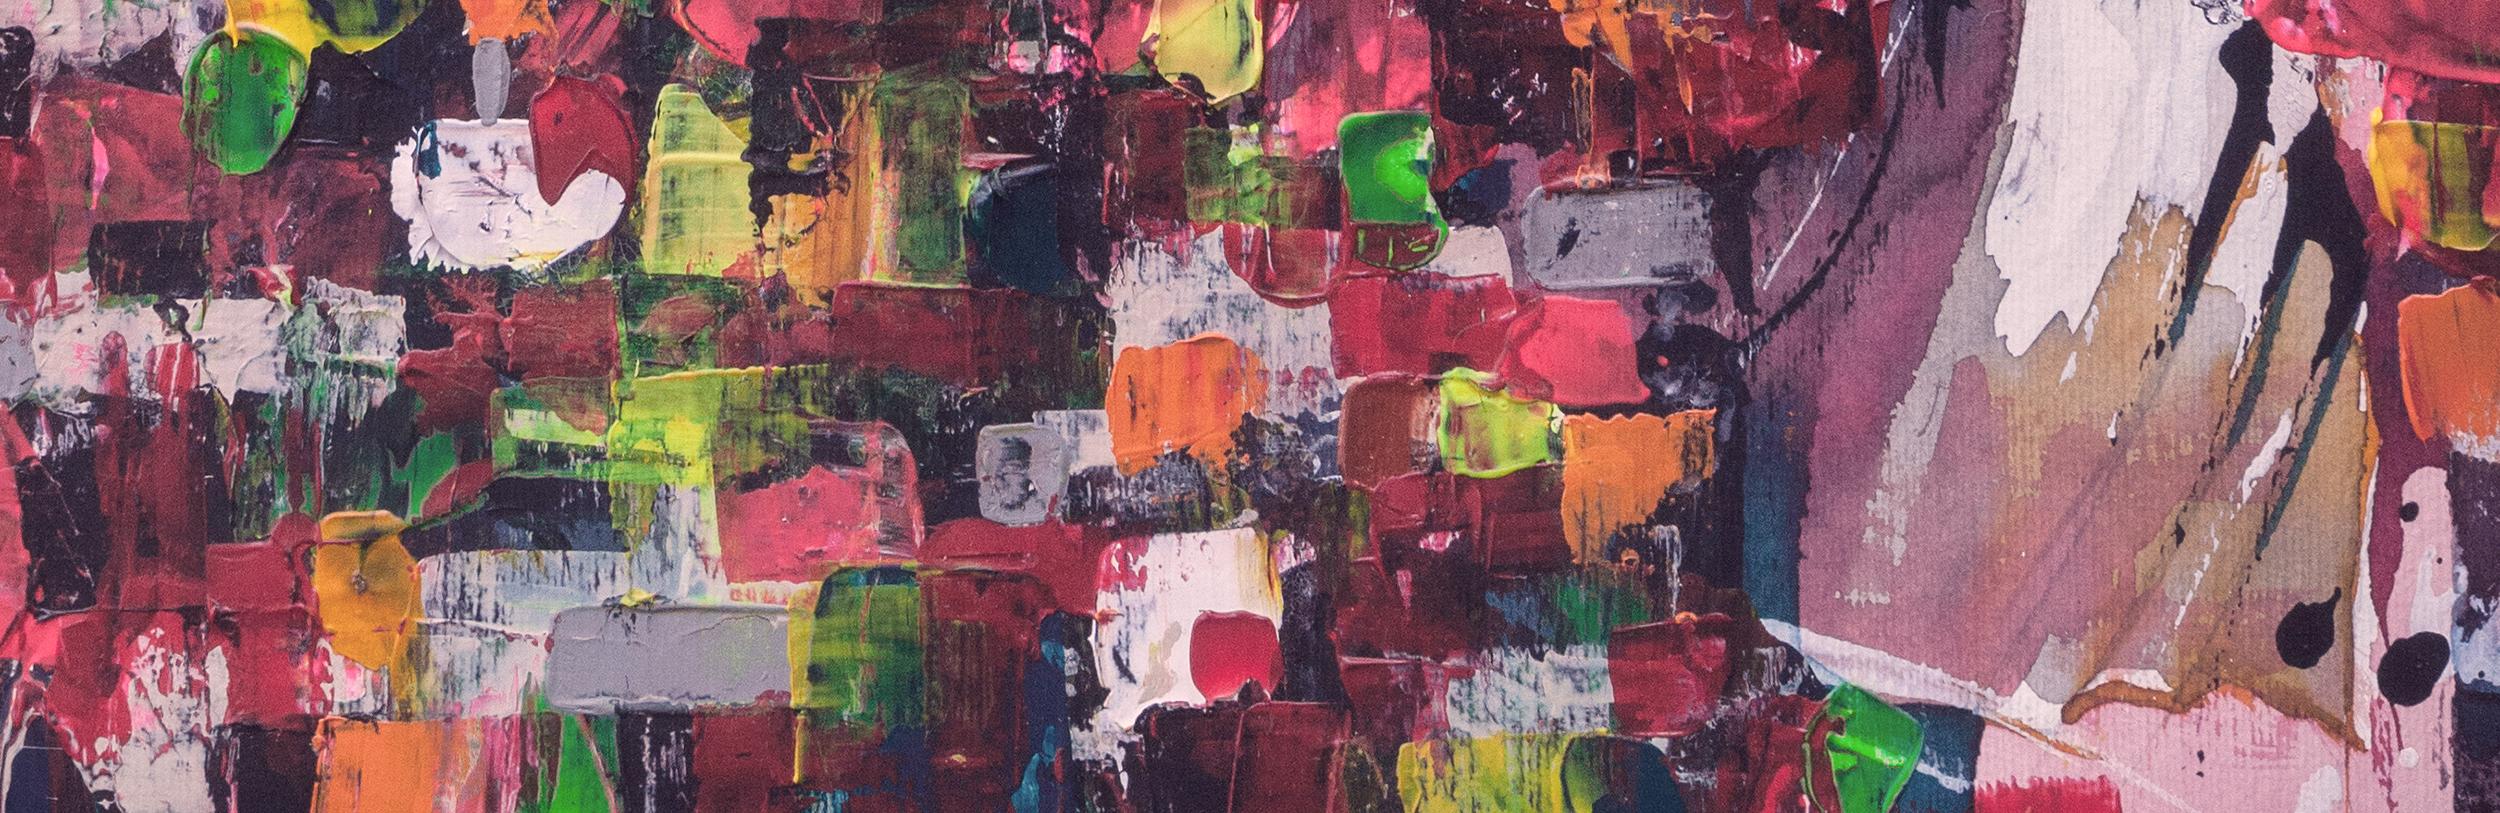 bonjourmolotov Dom Quixote de la Mancha Illustration Ilustracao painting pintura acrylic acrílico canvas tela paper cardboard mdf Andre Gigante 03N2.jpg